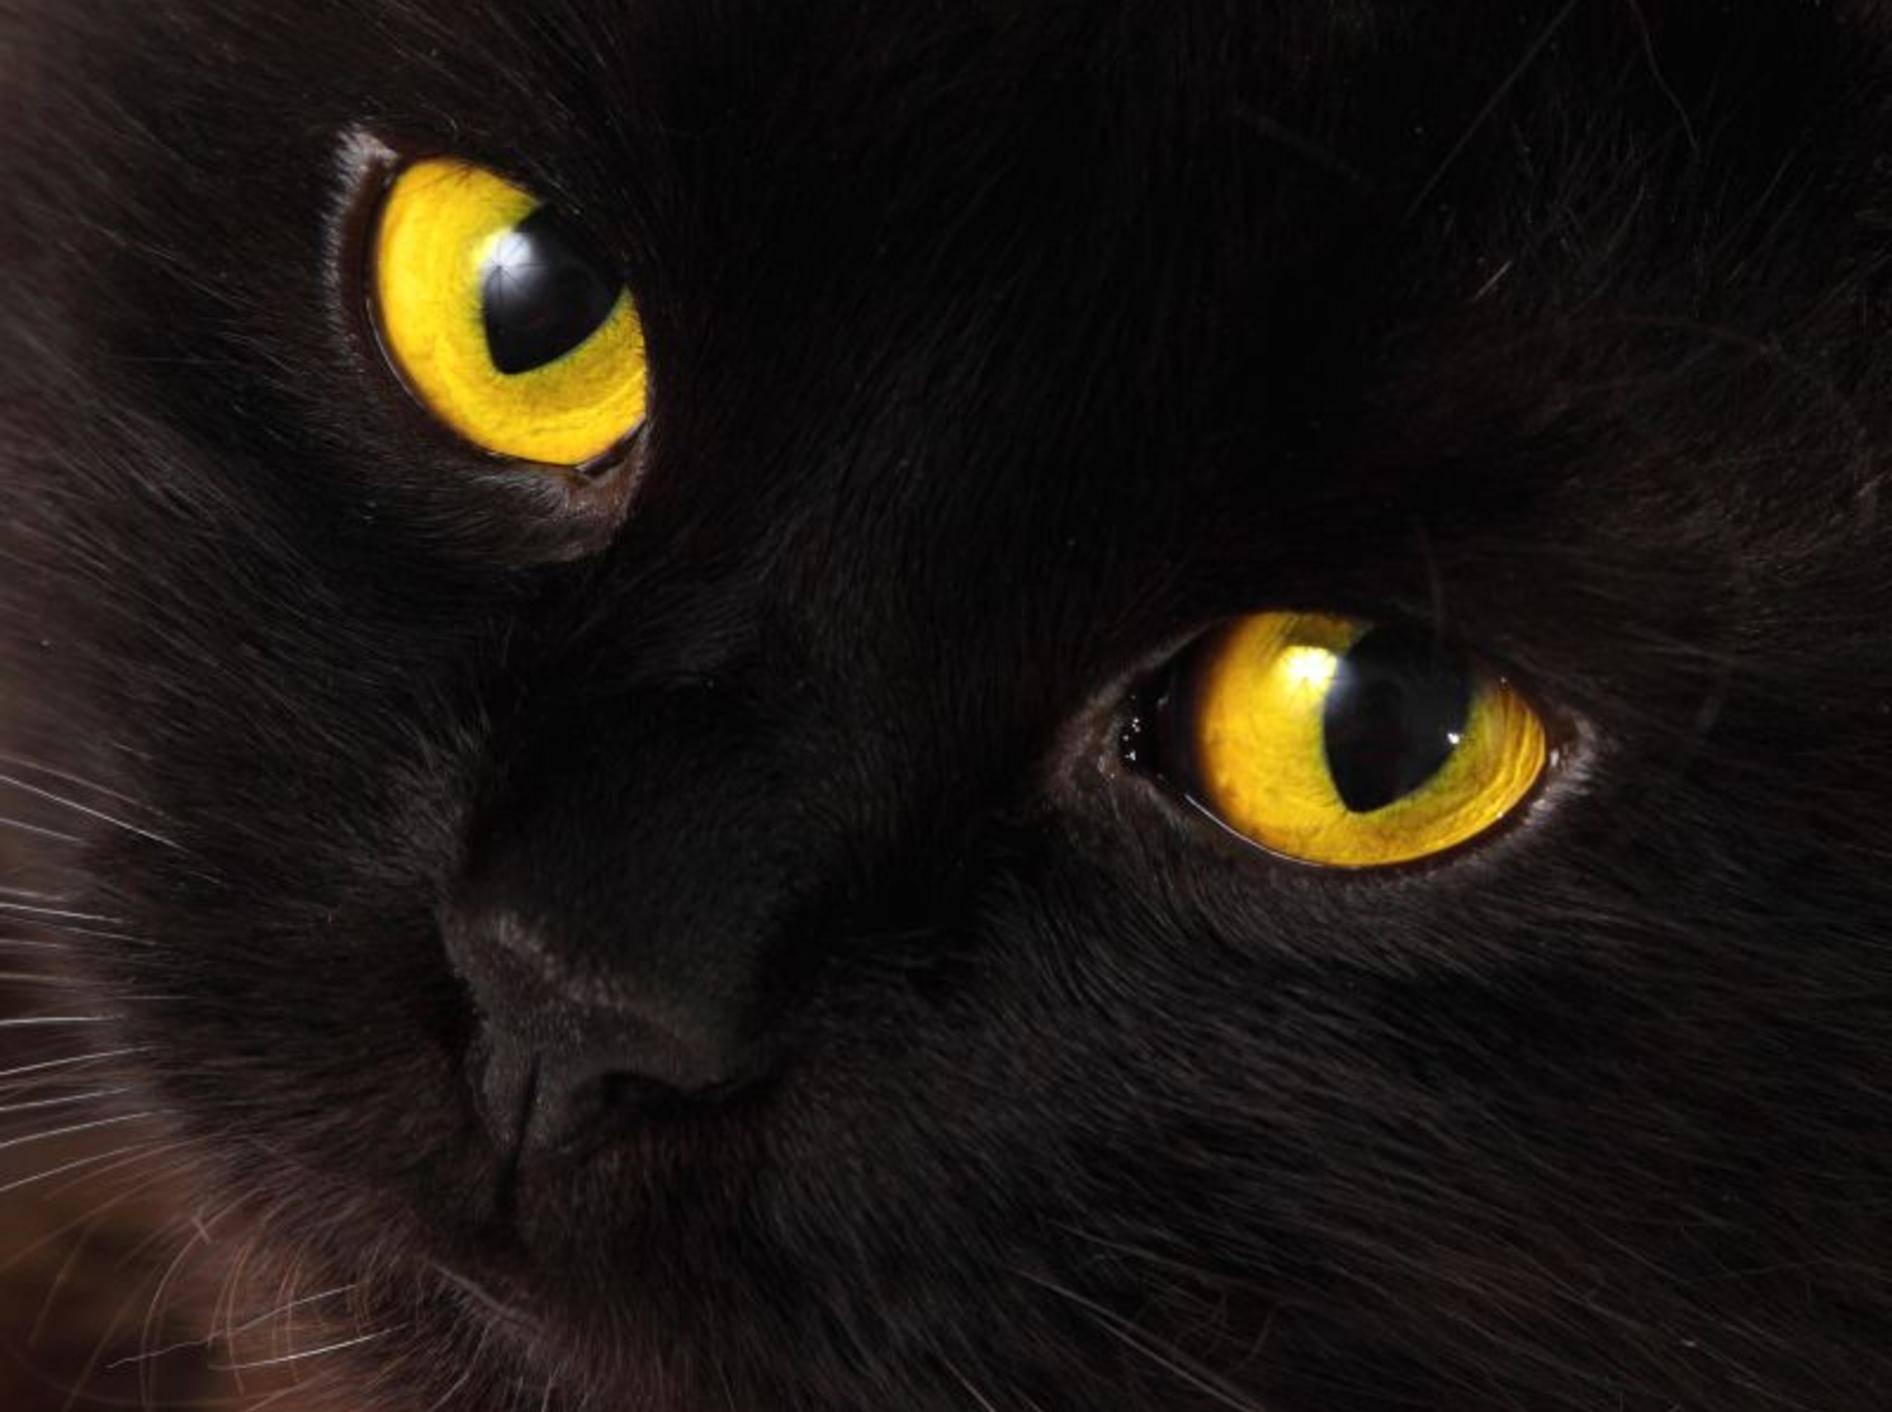 Schwarze Katze, leuchtend gelbe Augen: Bei Nacht und Nebel ganz schön unheimlich! — Bild: Shutterstock / velirina